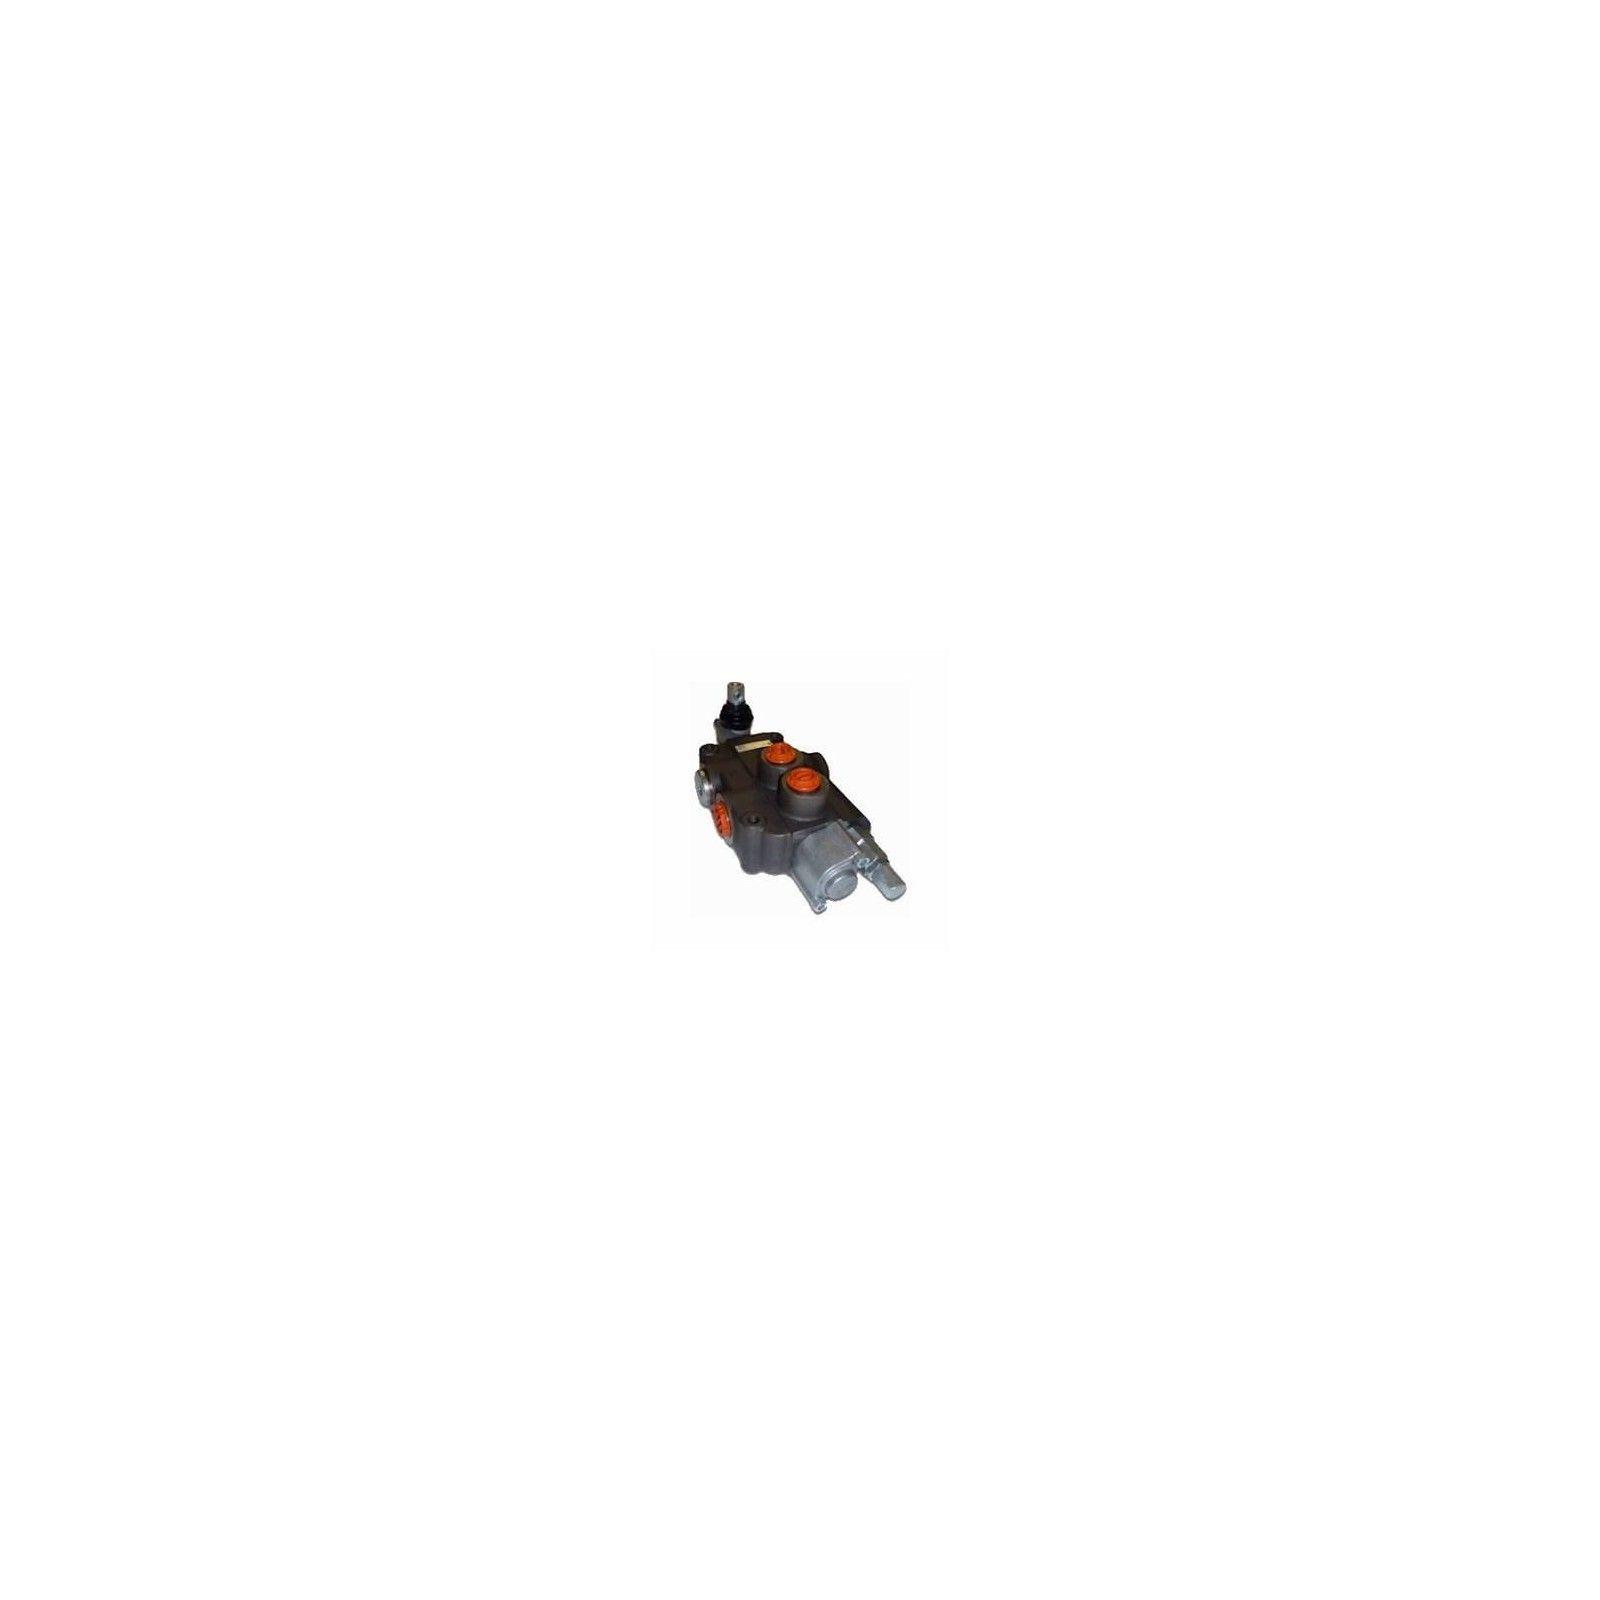 distributeur fendeuse - DM 80 SIMPLE VITESSE DM801 DISTRIBUTEUR 80 L/Mn